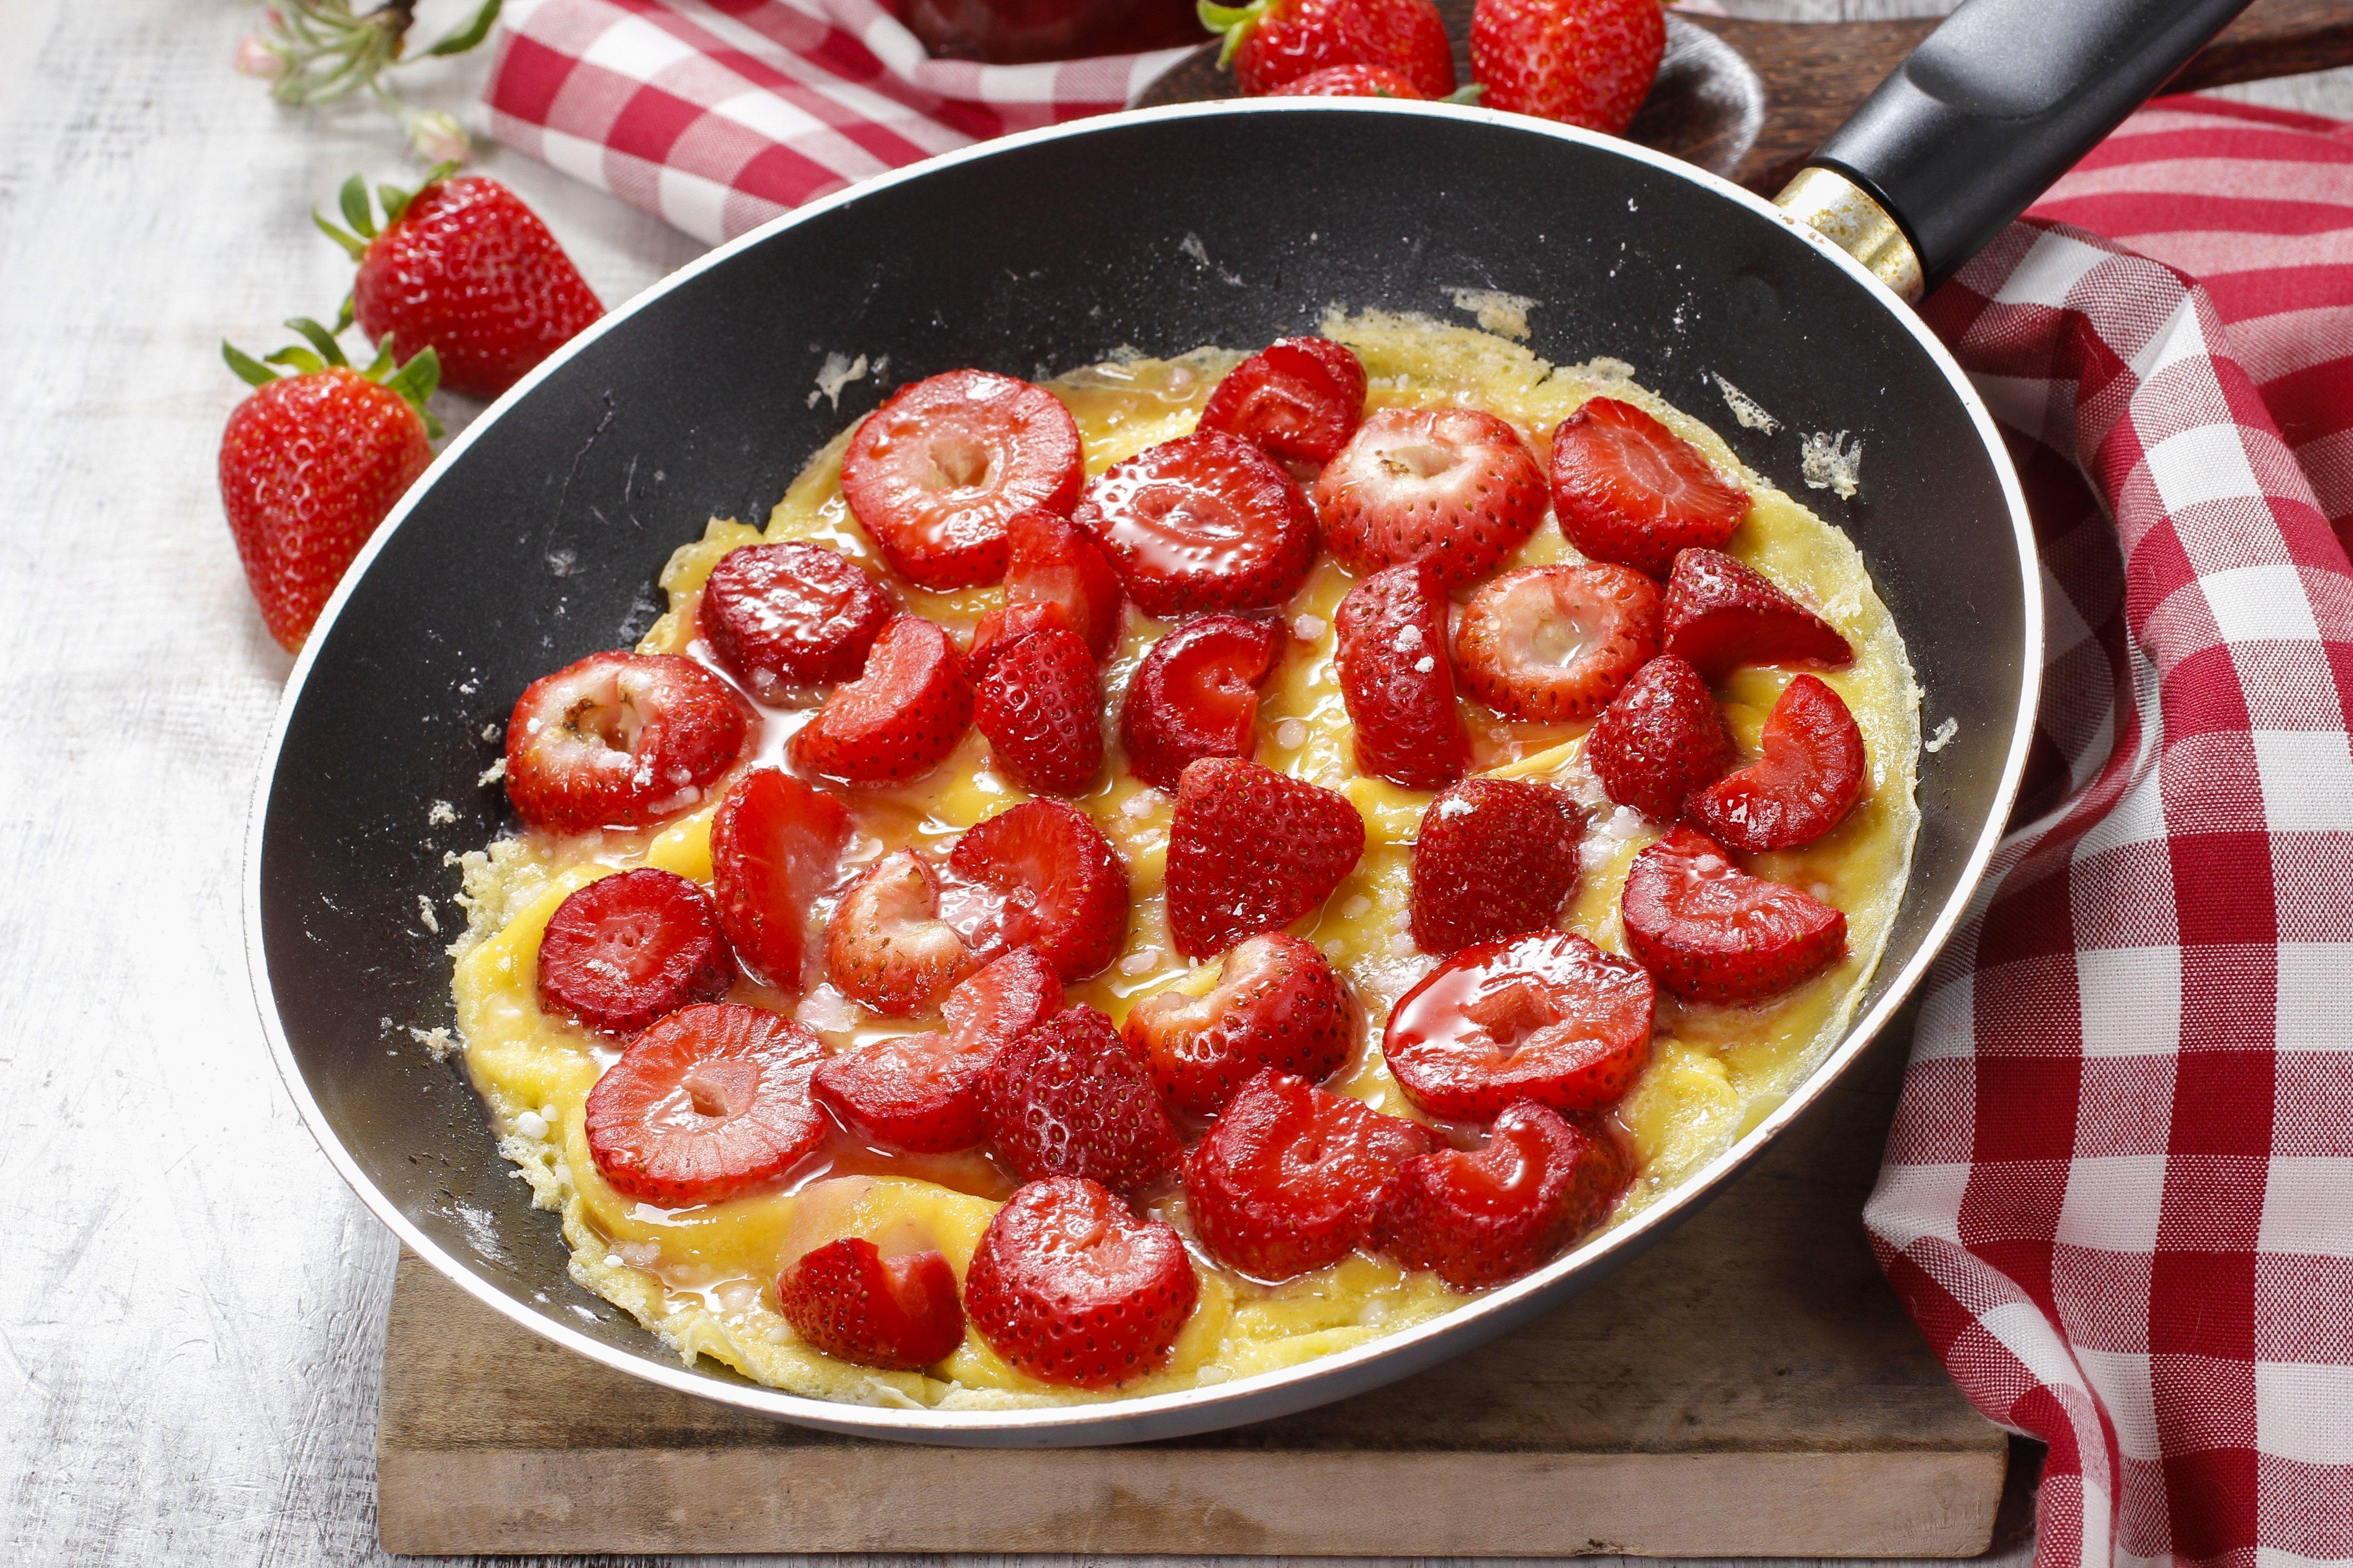 نتيجة بحث الصور عن أطباقك الغنية بالفاكهة